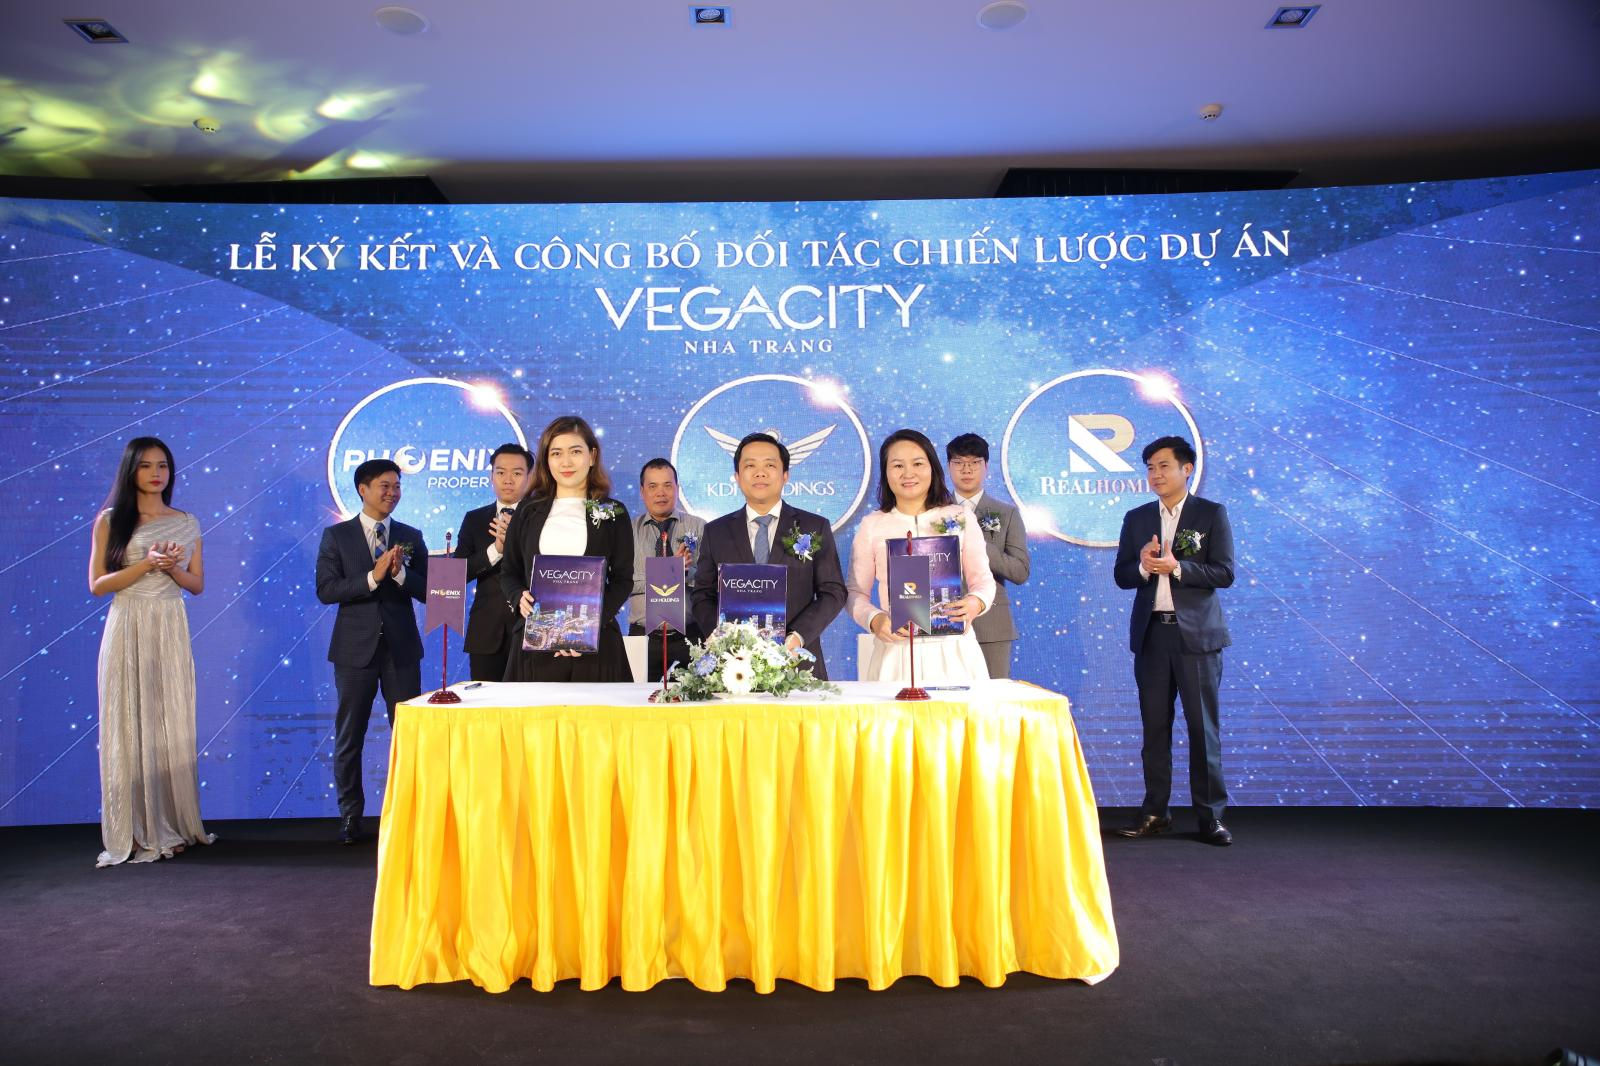 20210204100227 a76f Tin thị trường BĐS mới: Dự án Vega City Nha Trang công bố đối tác chiến lược hàng đầu